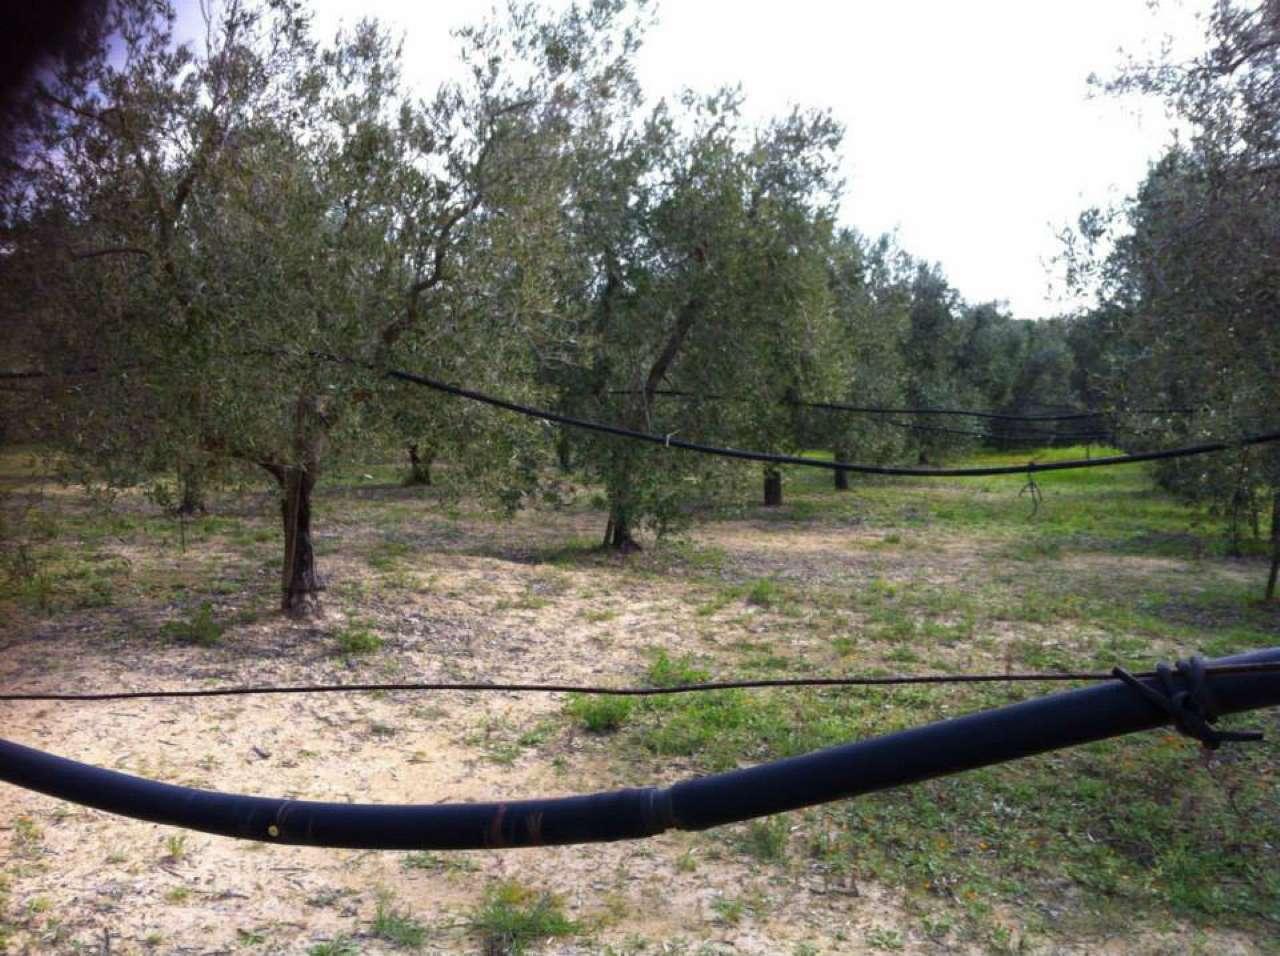 Terreno Agricolo in vendita a Massafra, 9999 locali, prezzo € 10.000 | CambioCasa.it